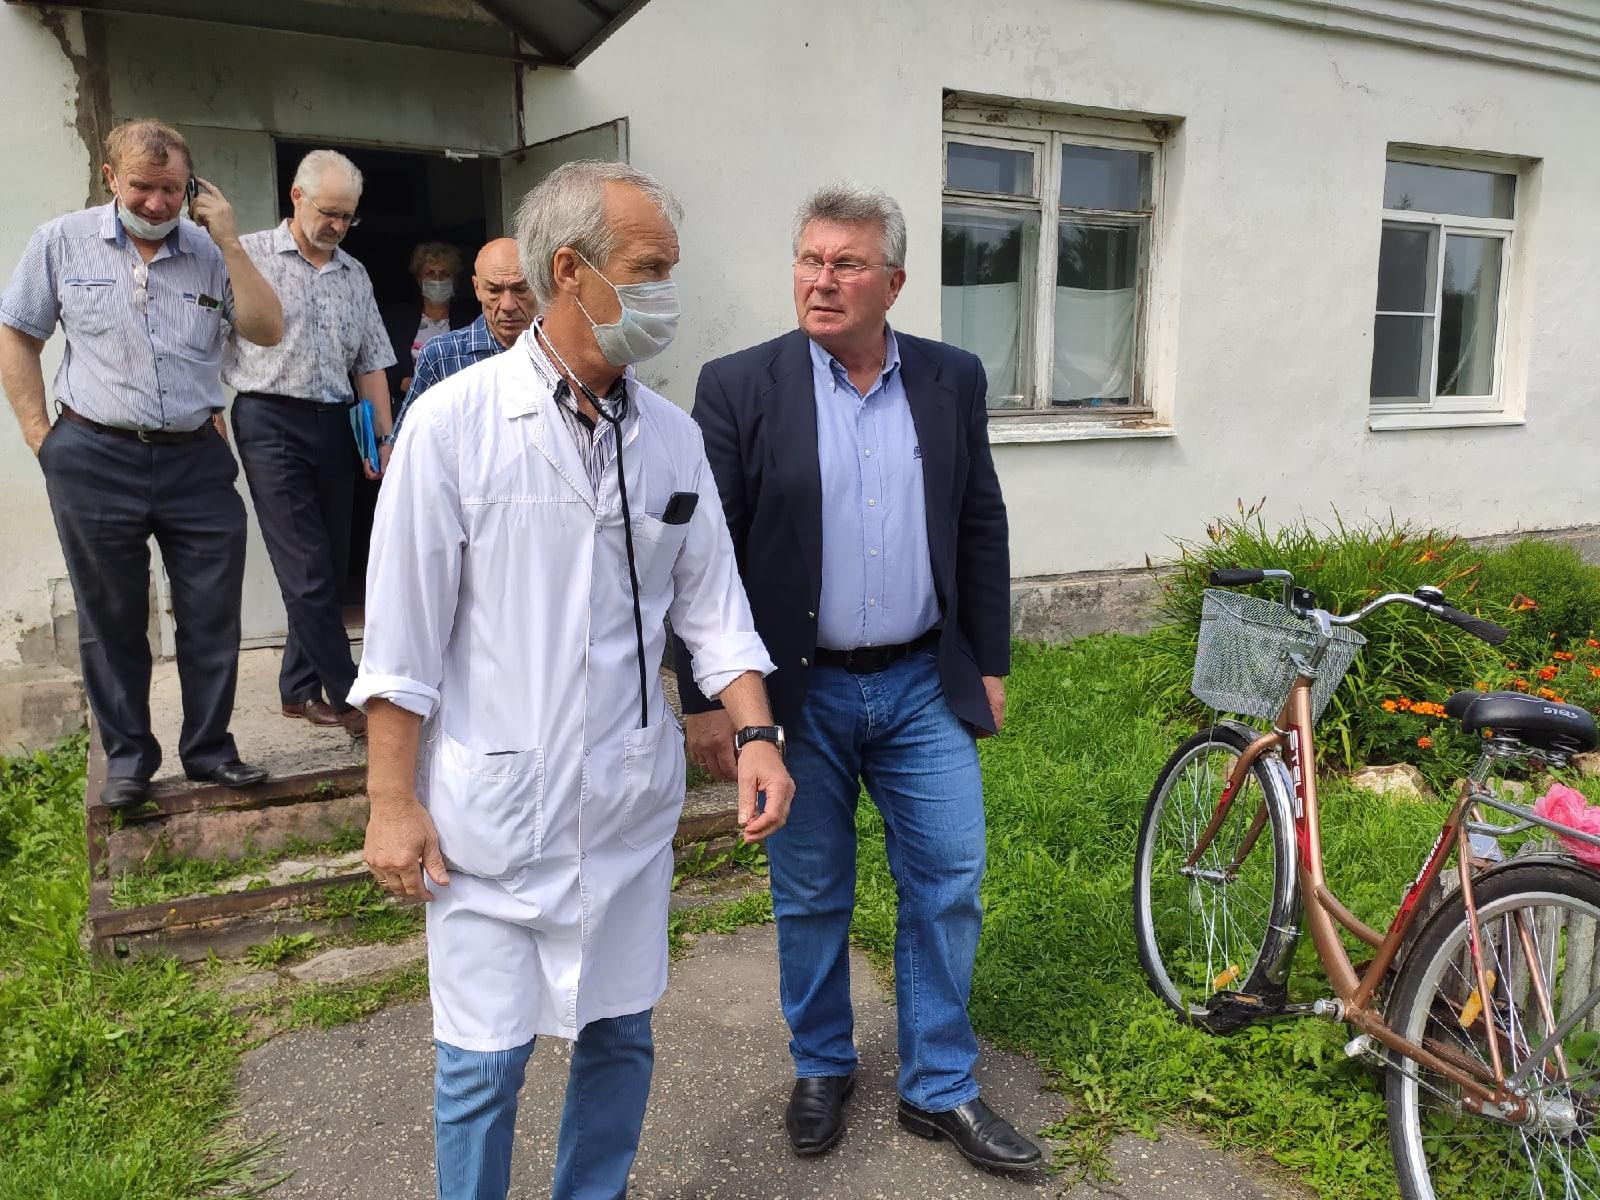 «Не надо бюрократических формальностей»: Андрей Белоцерковский собирает предложения по налаживанию системы здравоохранения в Ржевском районе